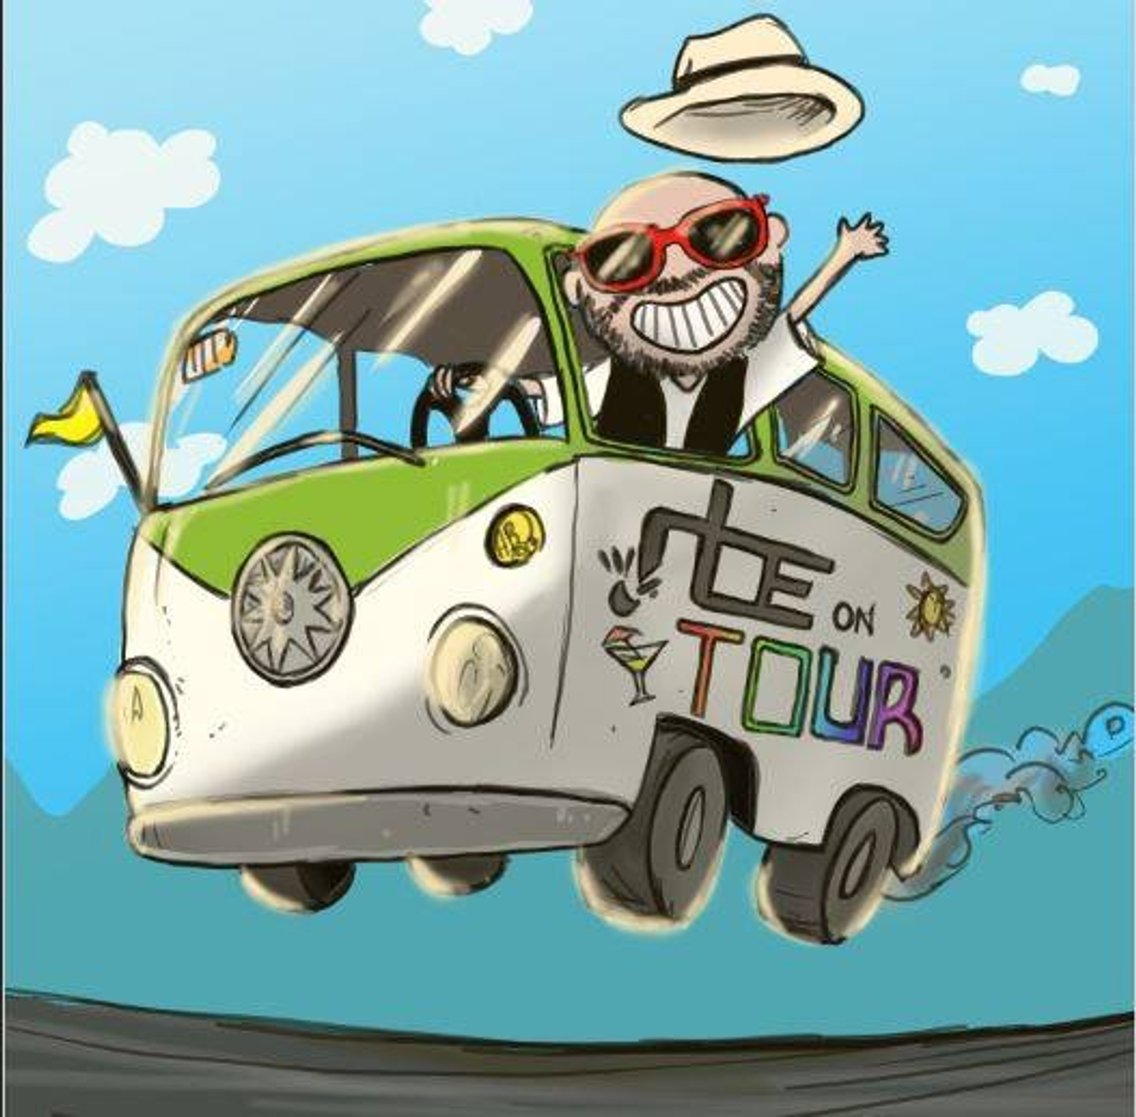 RBE on Tour Estate - imagen de portada